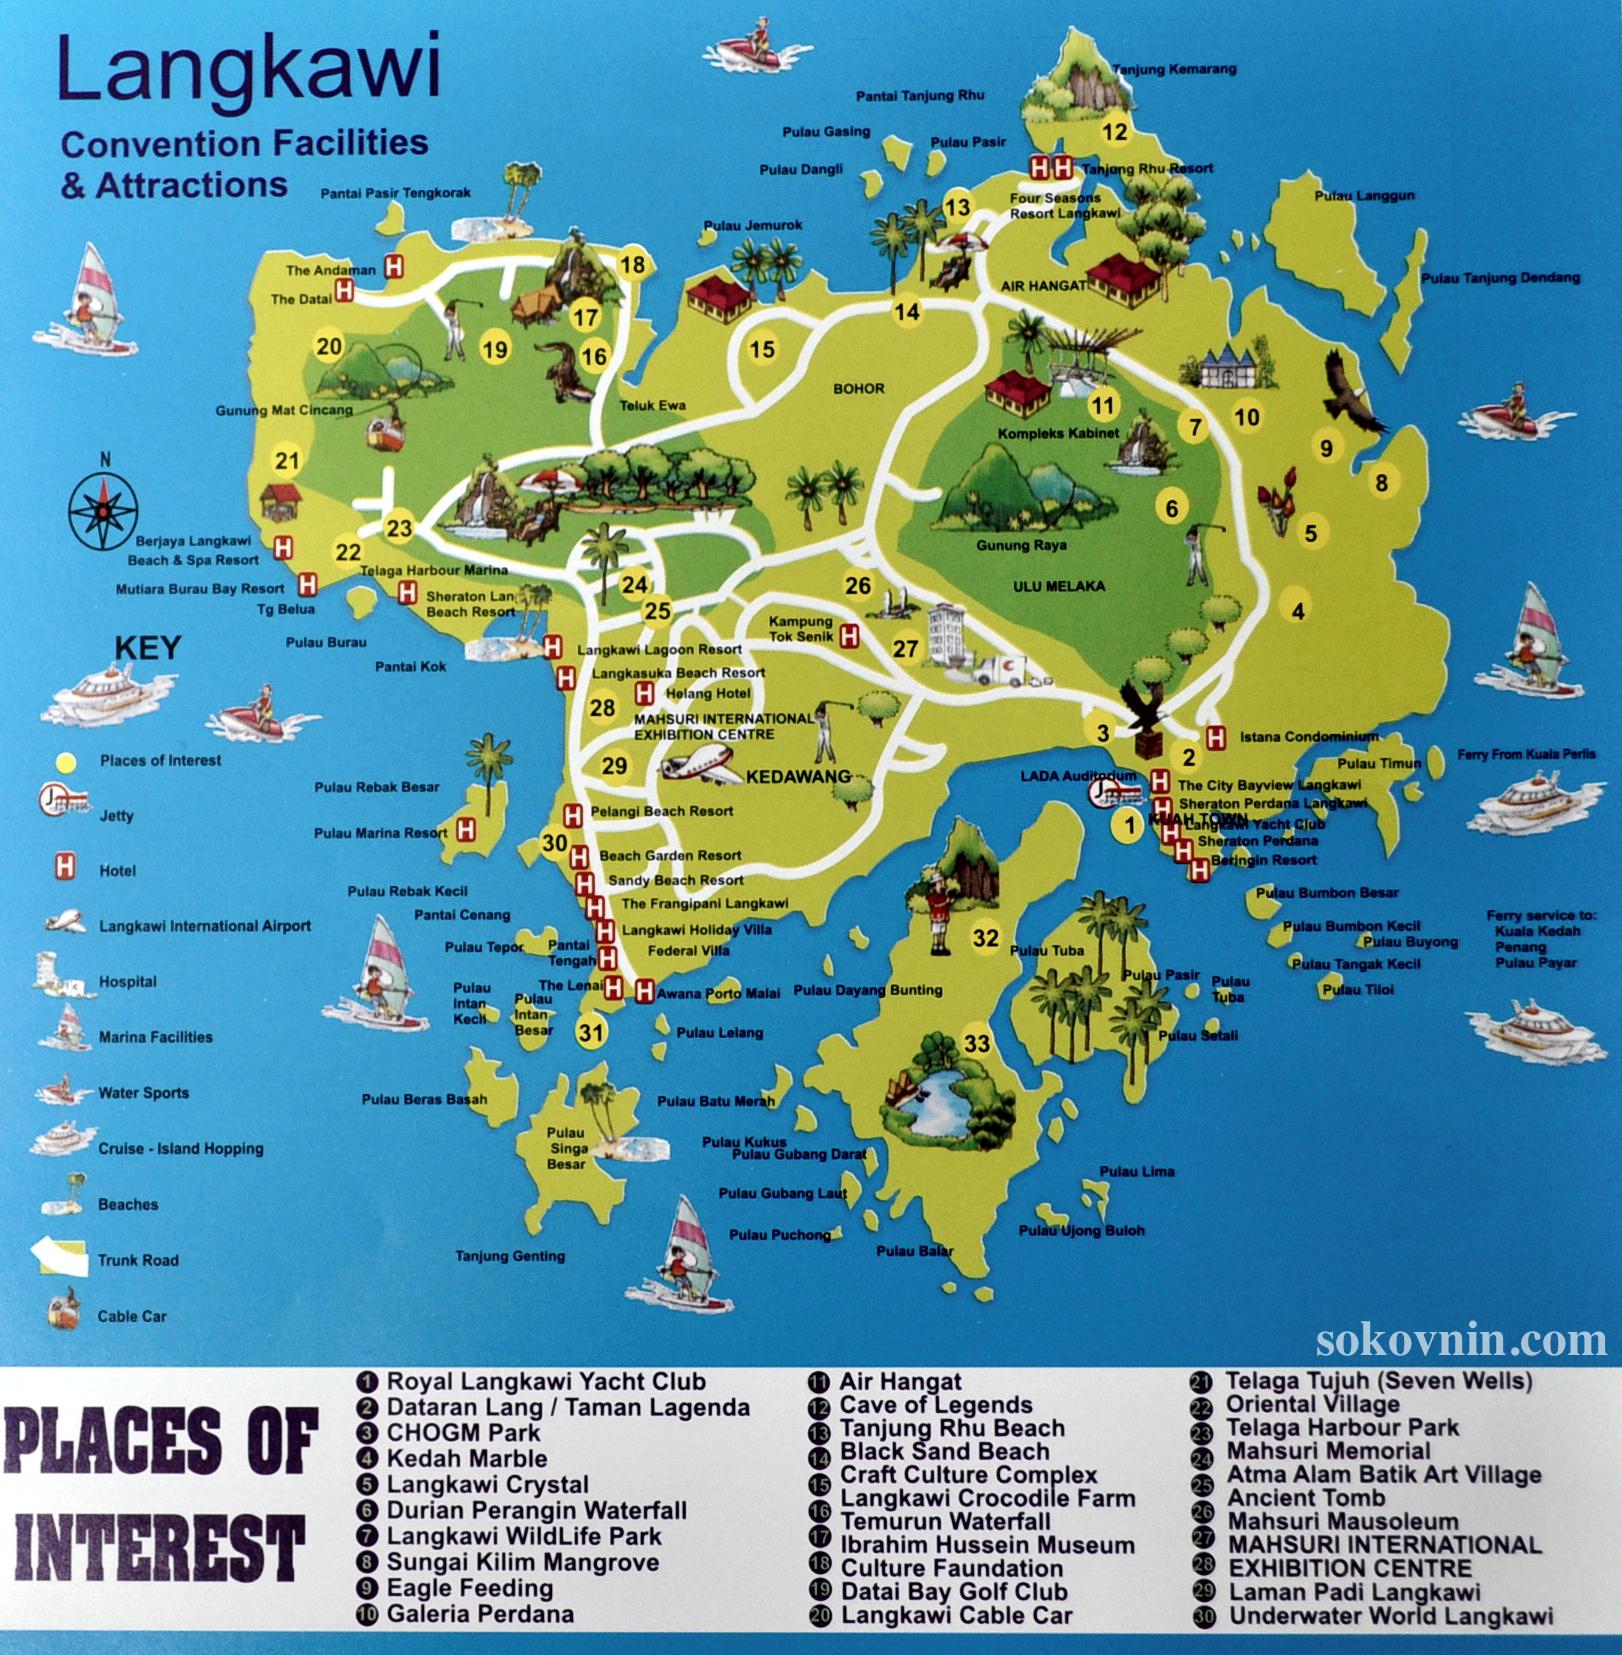 Карта достопримечательностей Лангкави